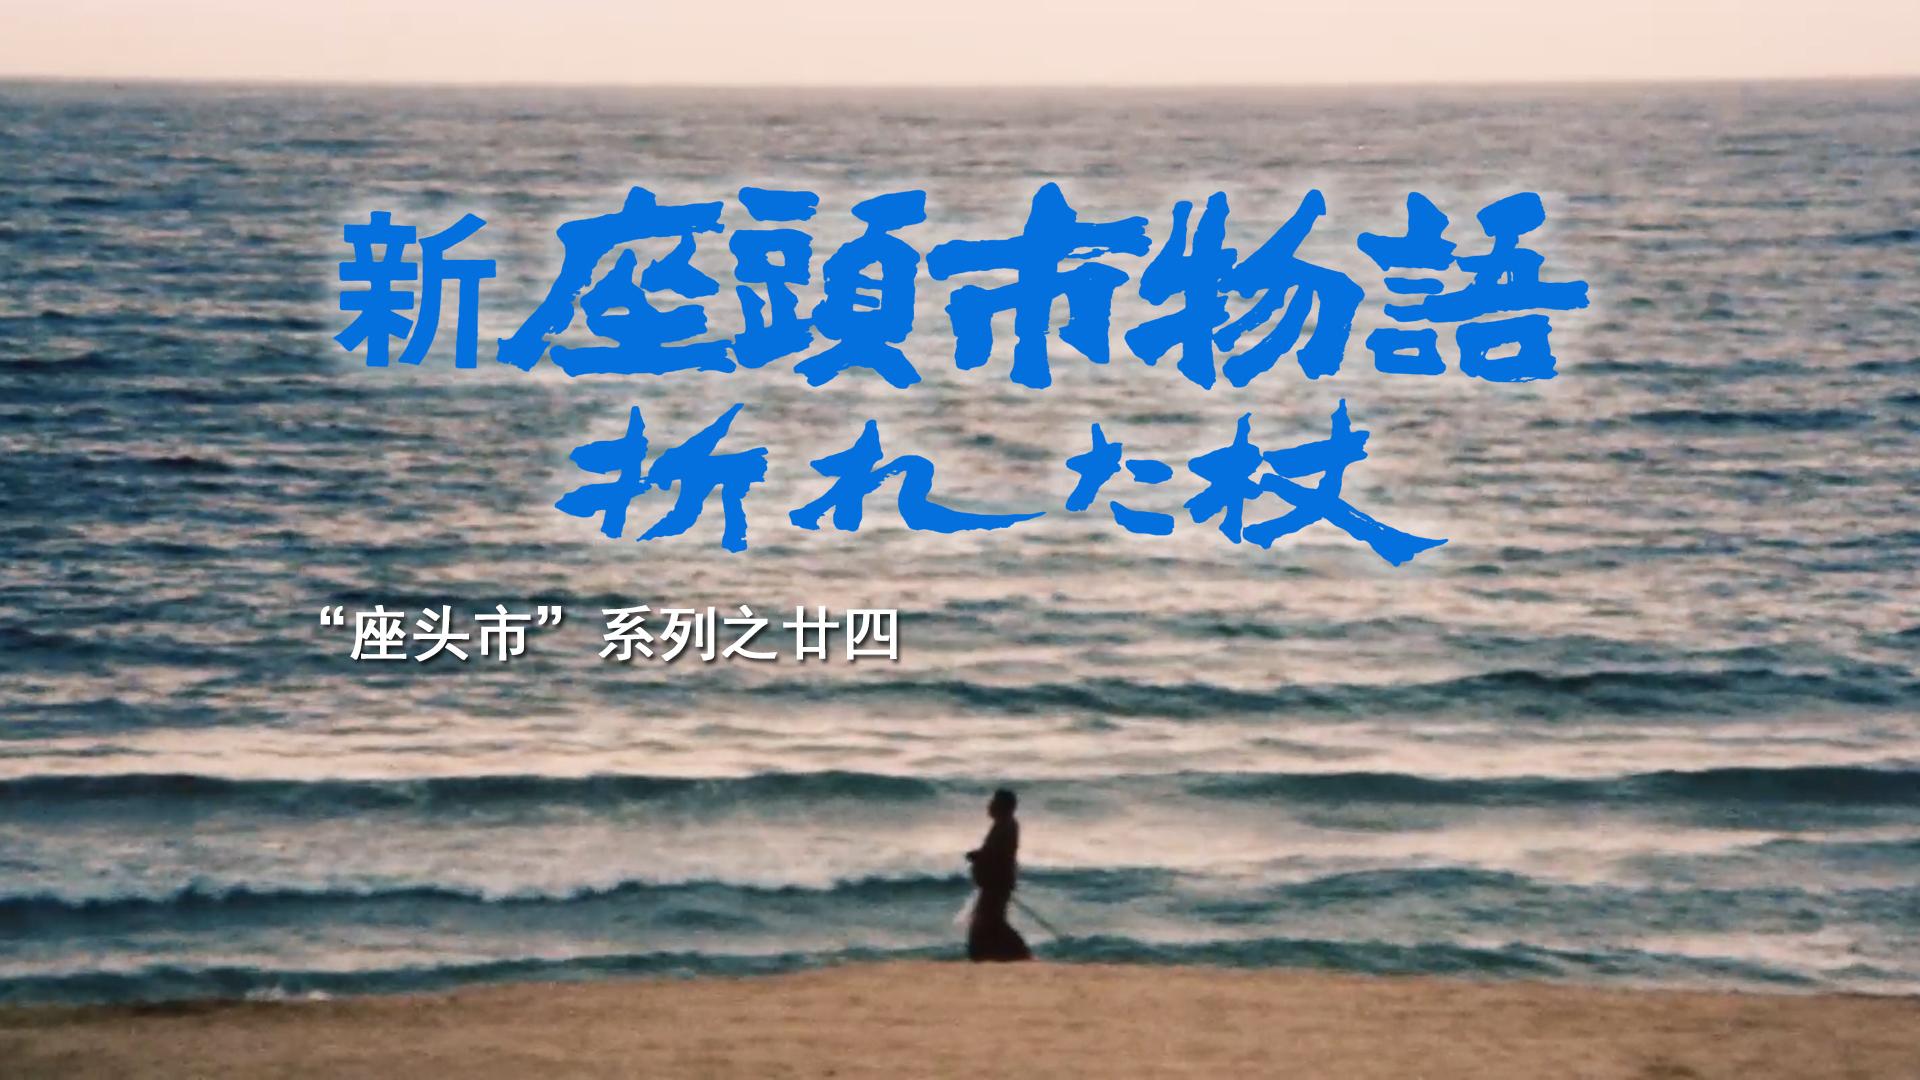 """【剑戟片】详解""""座头市""""系列之廿四:那年夏天,宁静的海"""